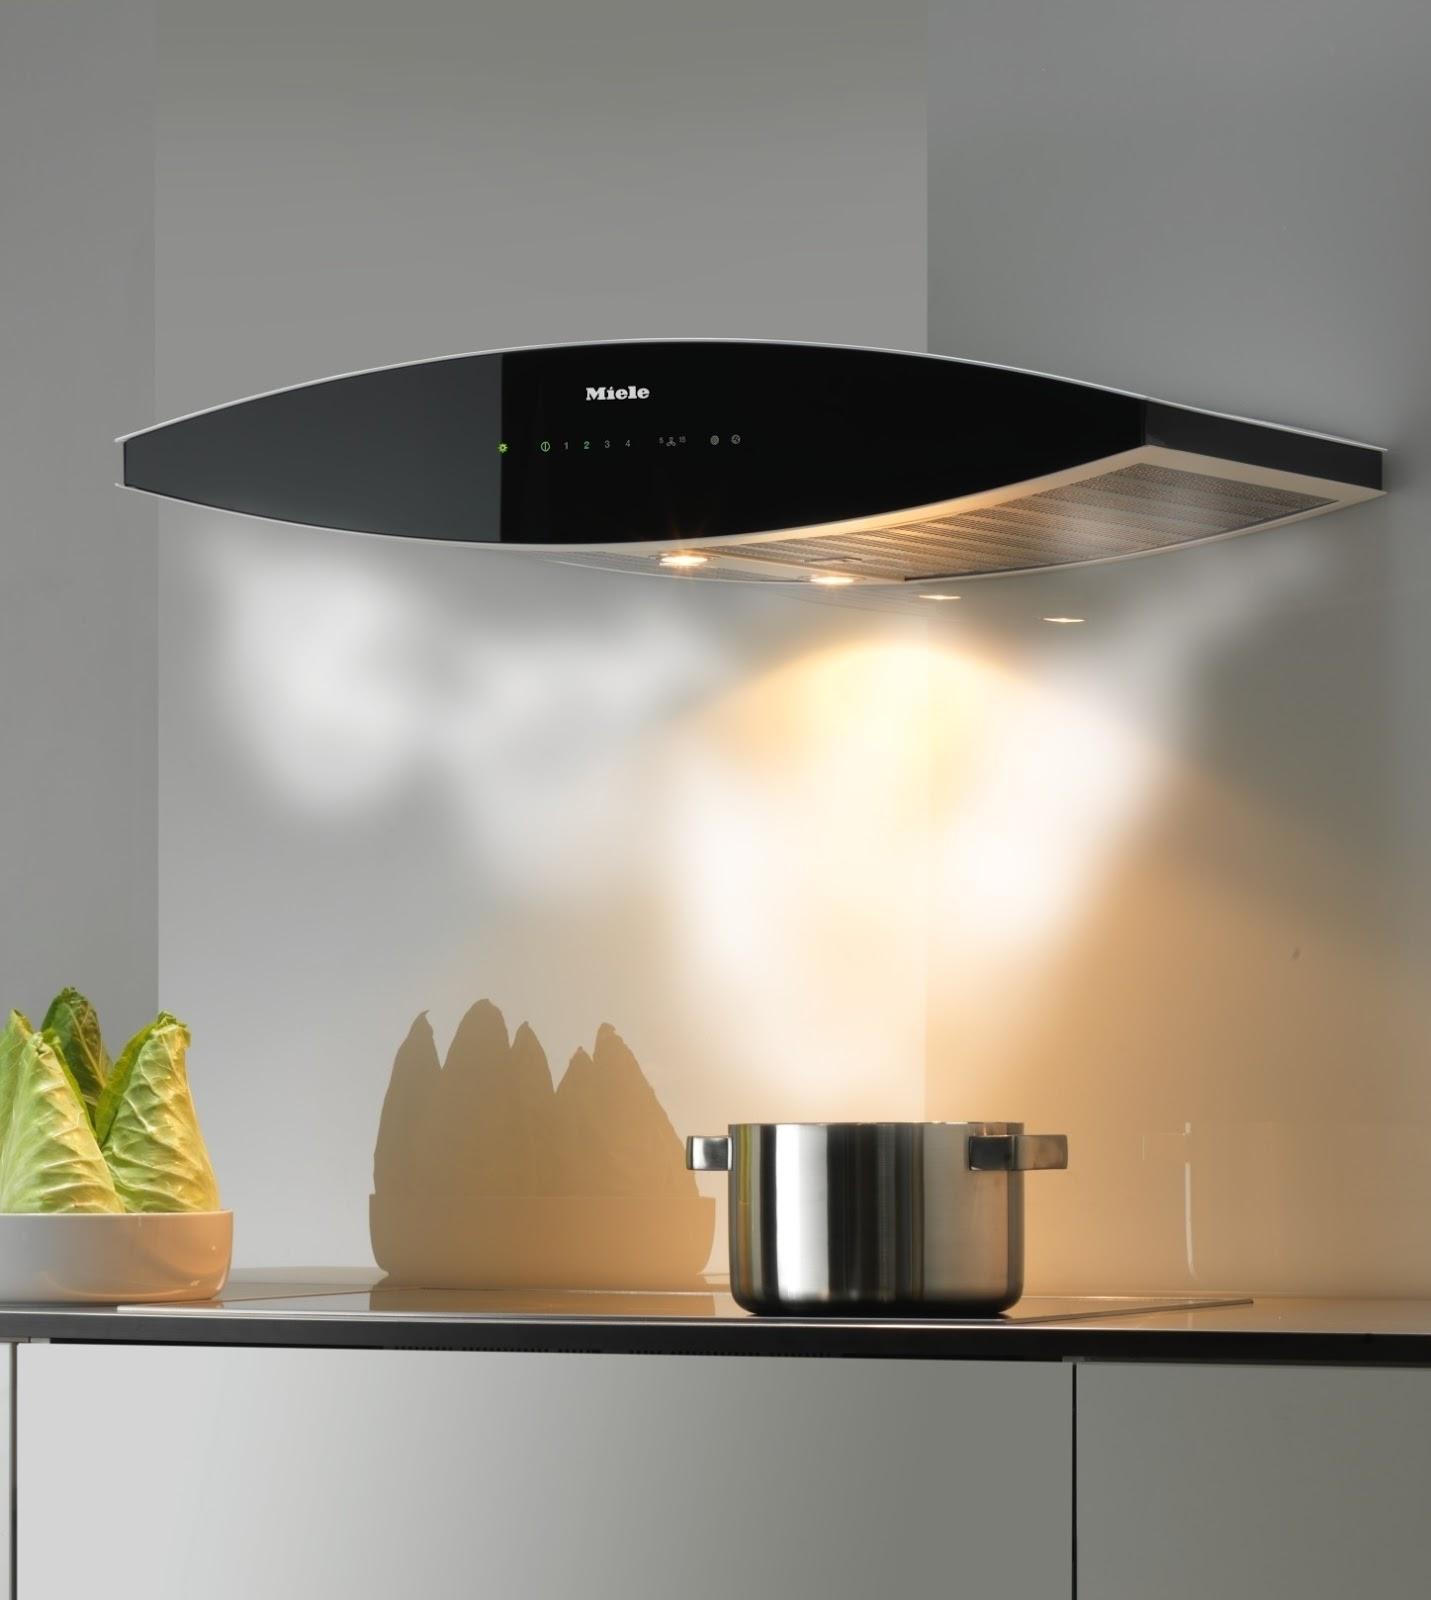 Cafran cocinas campanas extractoras aura de miele - Mejores campanas extractoras para cocinas ...